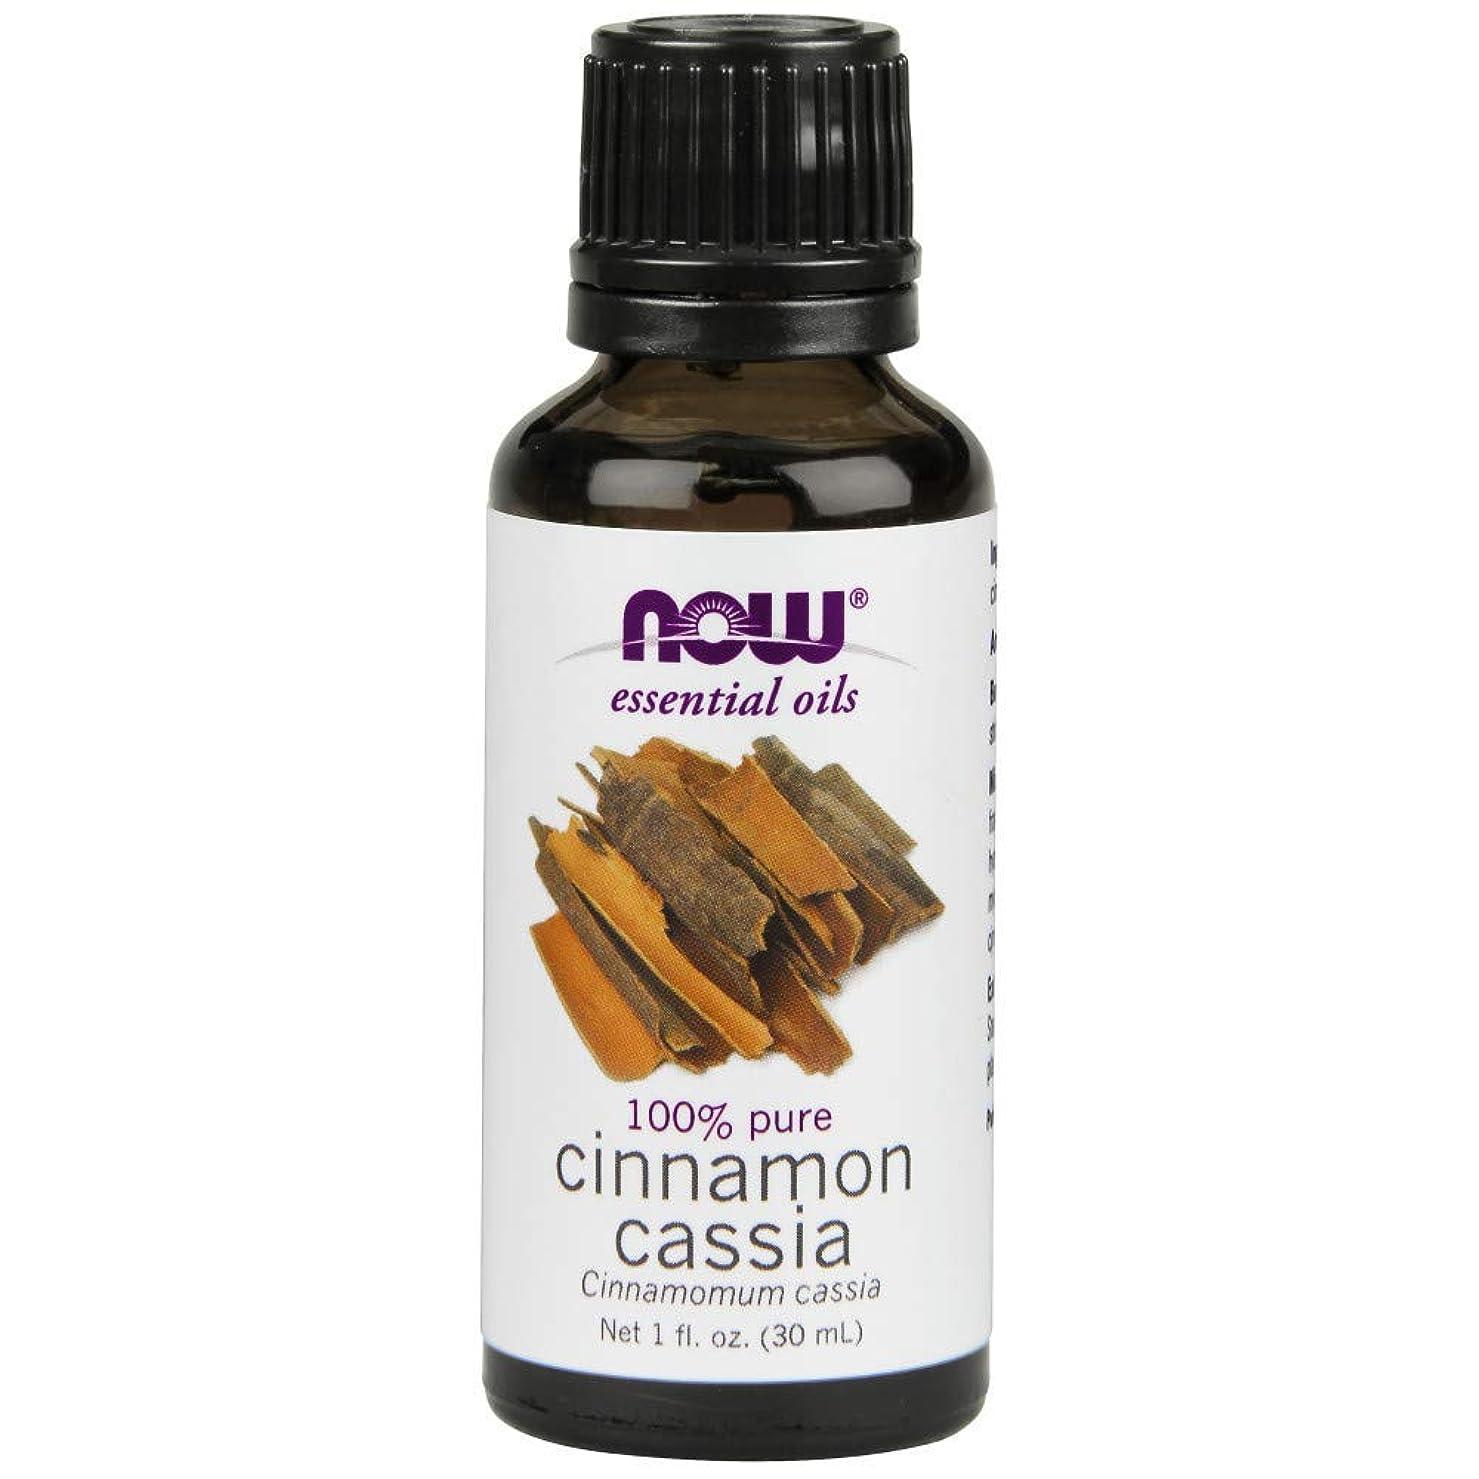 フィールド日焼け姉妹Now - Cinnamon Cassia Oil 100% Pure 1 oz (30 ml) [並行輸入品]